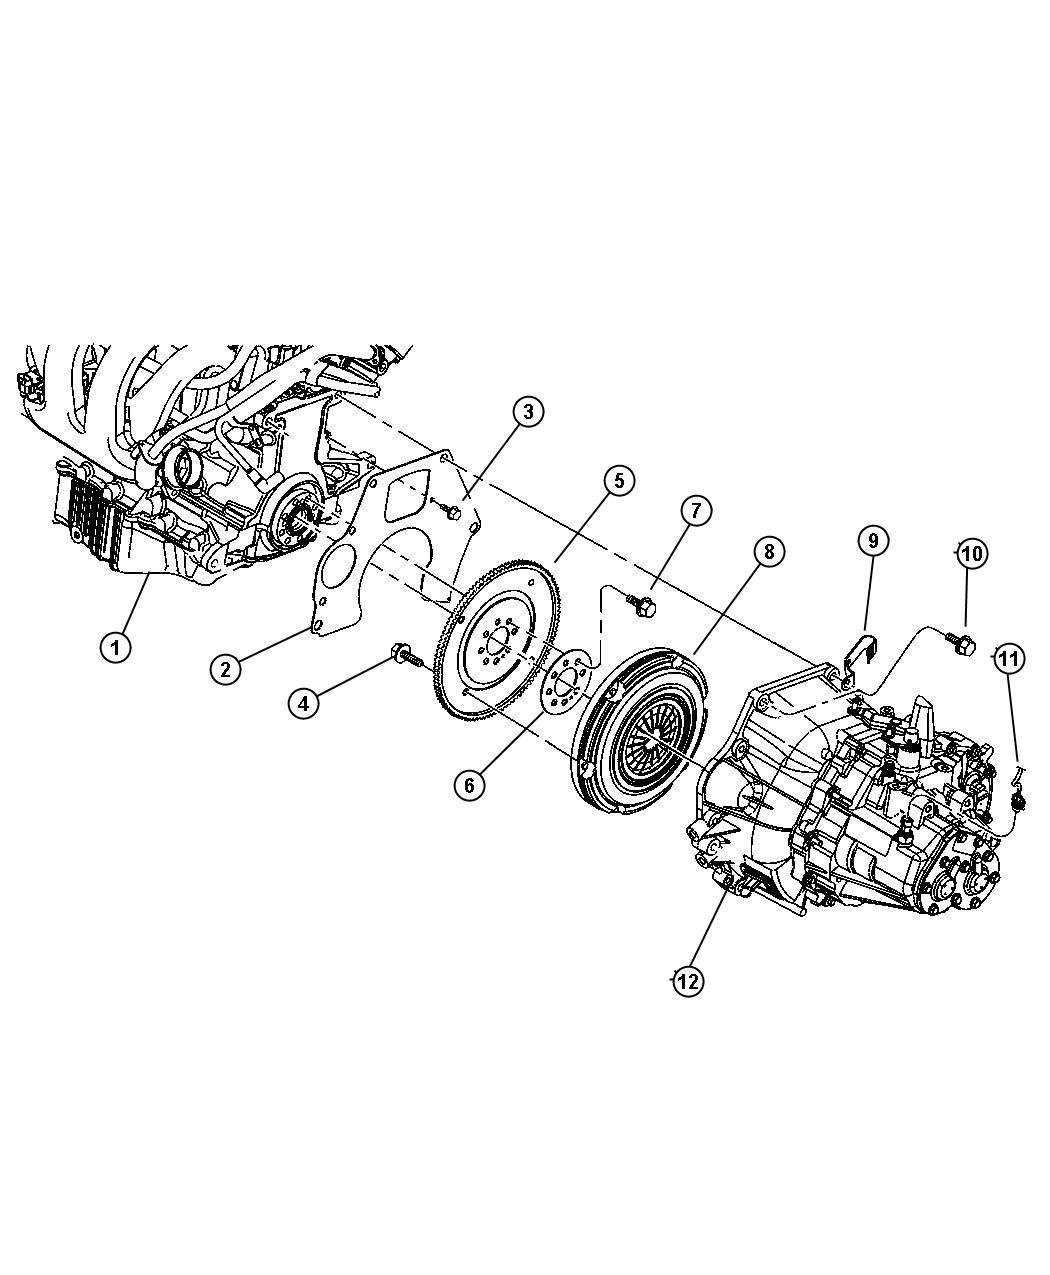 Dodge Neon Bolt. Hex head, hex head lock. M10x1.50 x 13.20